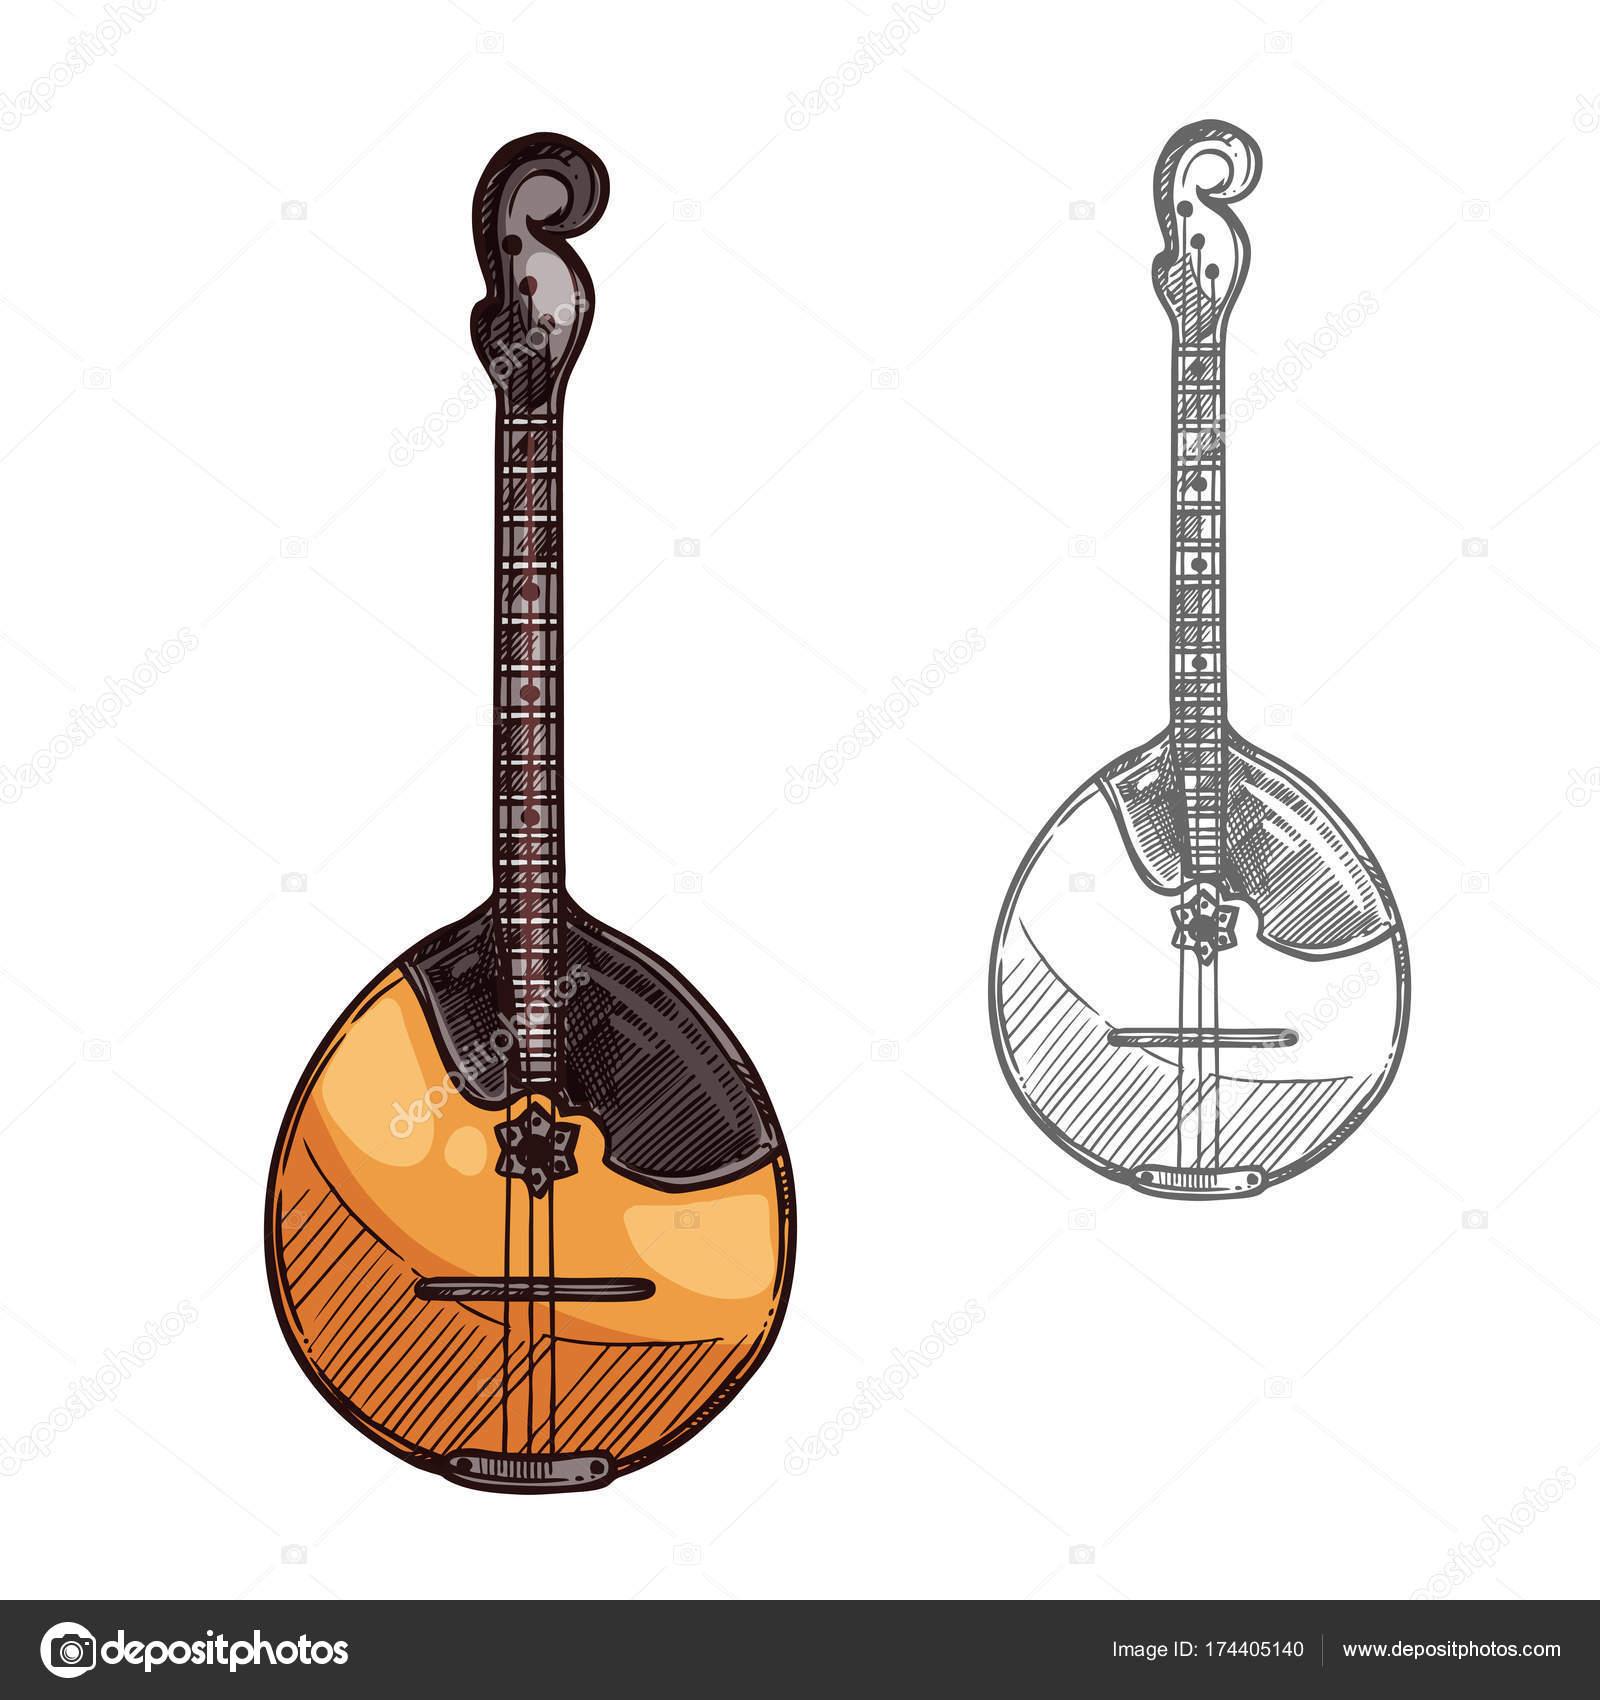 Domra oder mandoline skizze-russische musik-instrument.